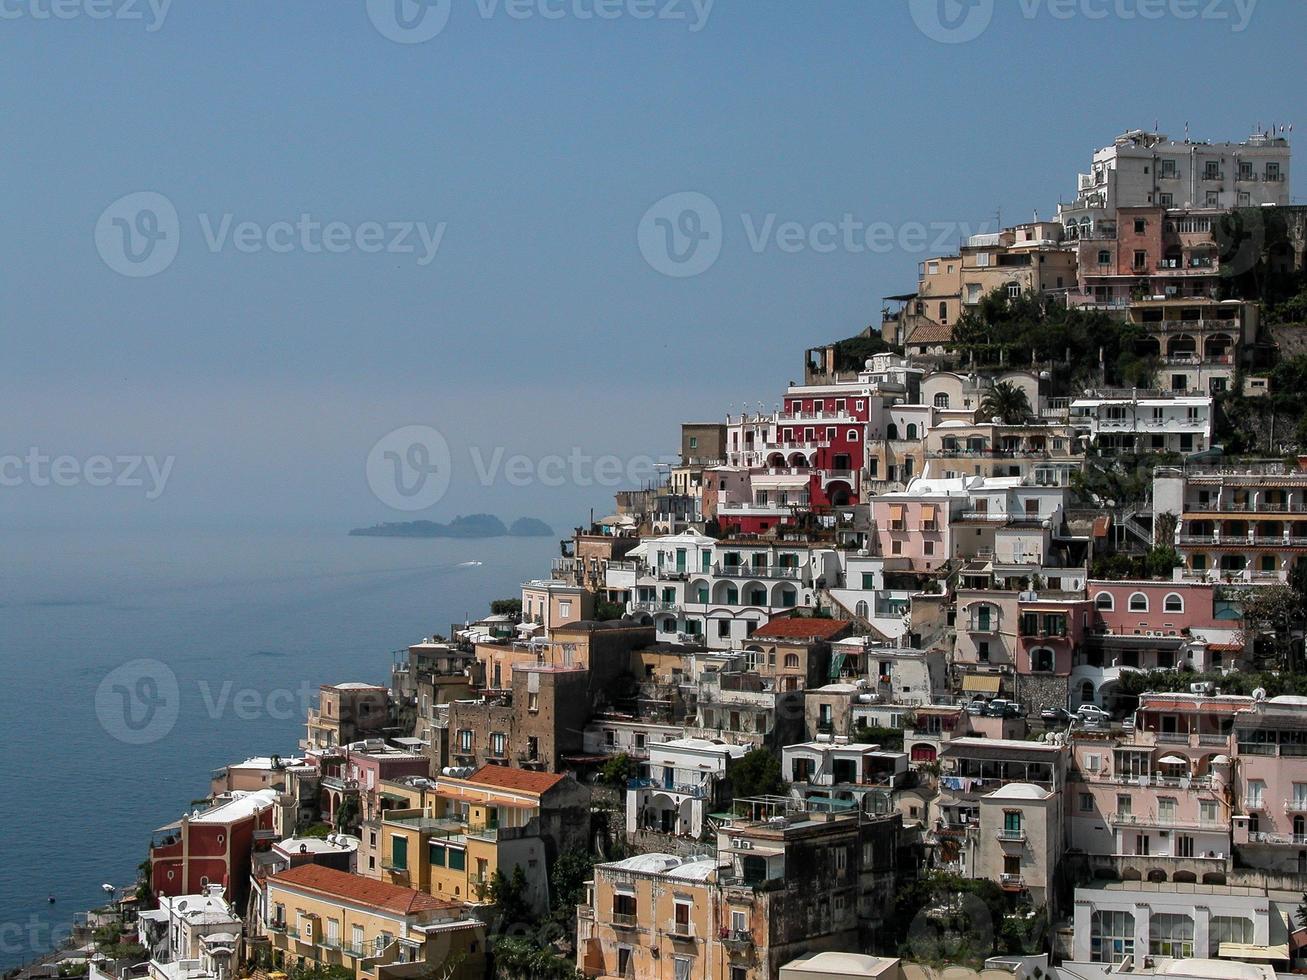 positano - imagen de casas apiñadas frente al mar. foto